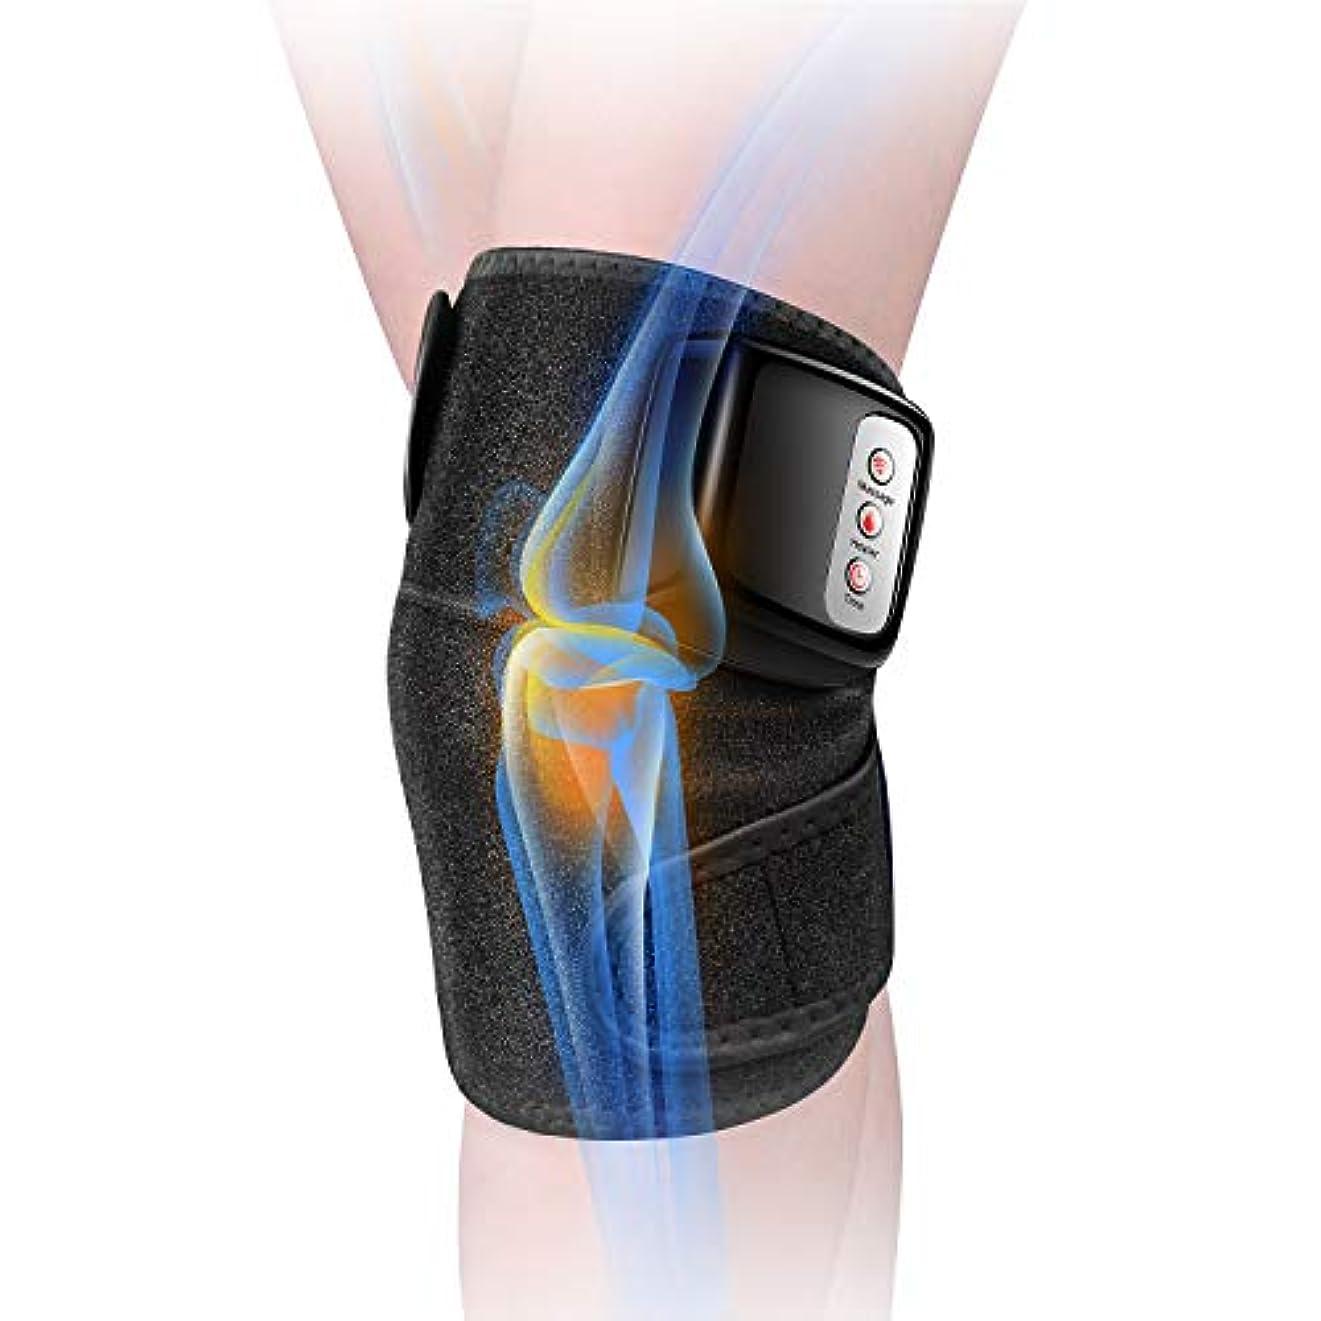 外交娘バックアップ膝マッサージャー 関節マッサージャー マッサージ器 フットマッサージャー 振動 赤外線療法 温熱療法 膝サポーター ストレス解消 肩 太もも/腕対応